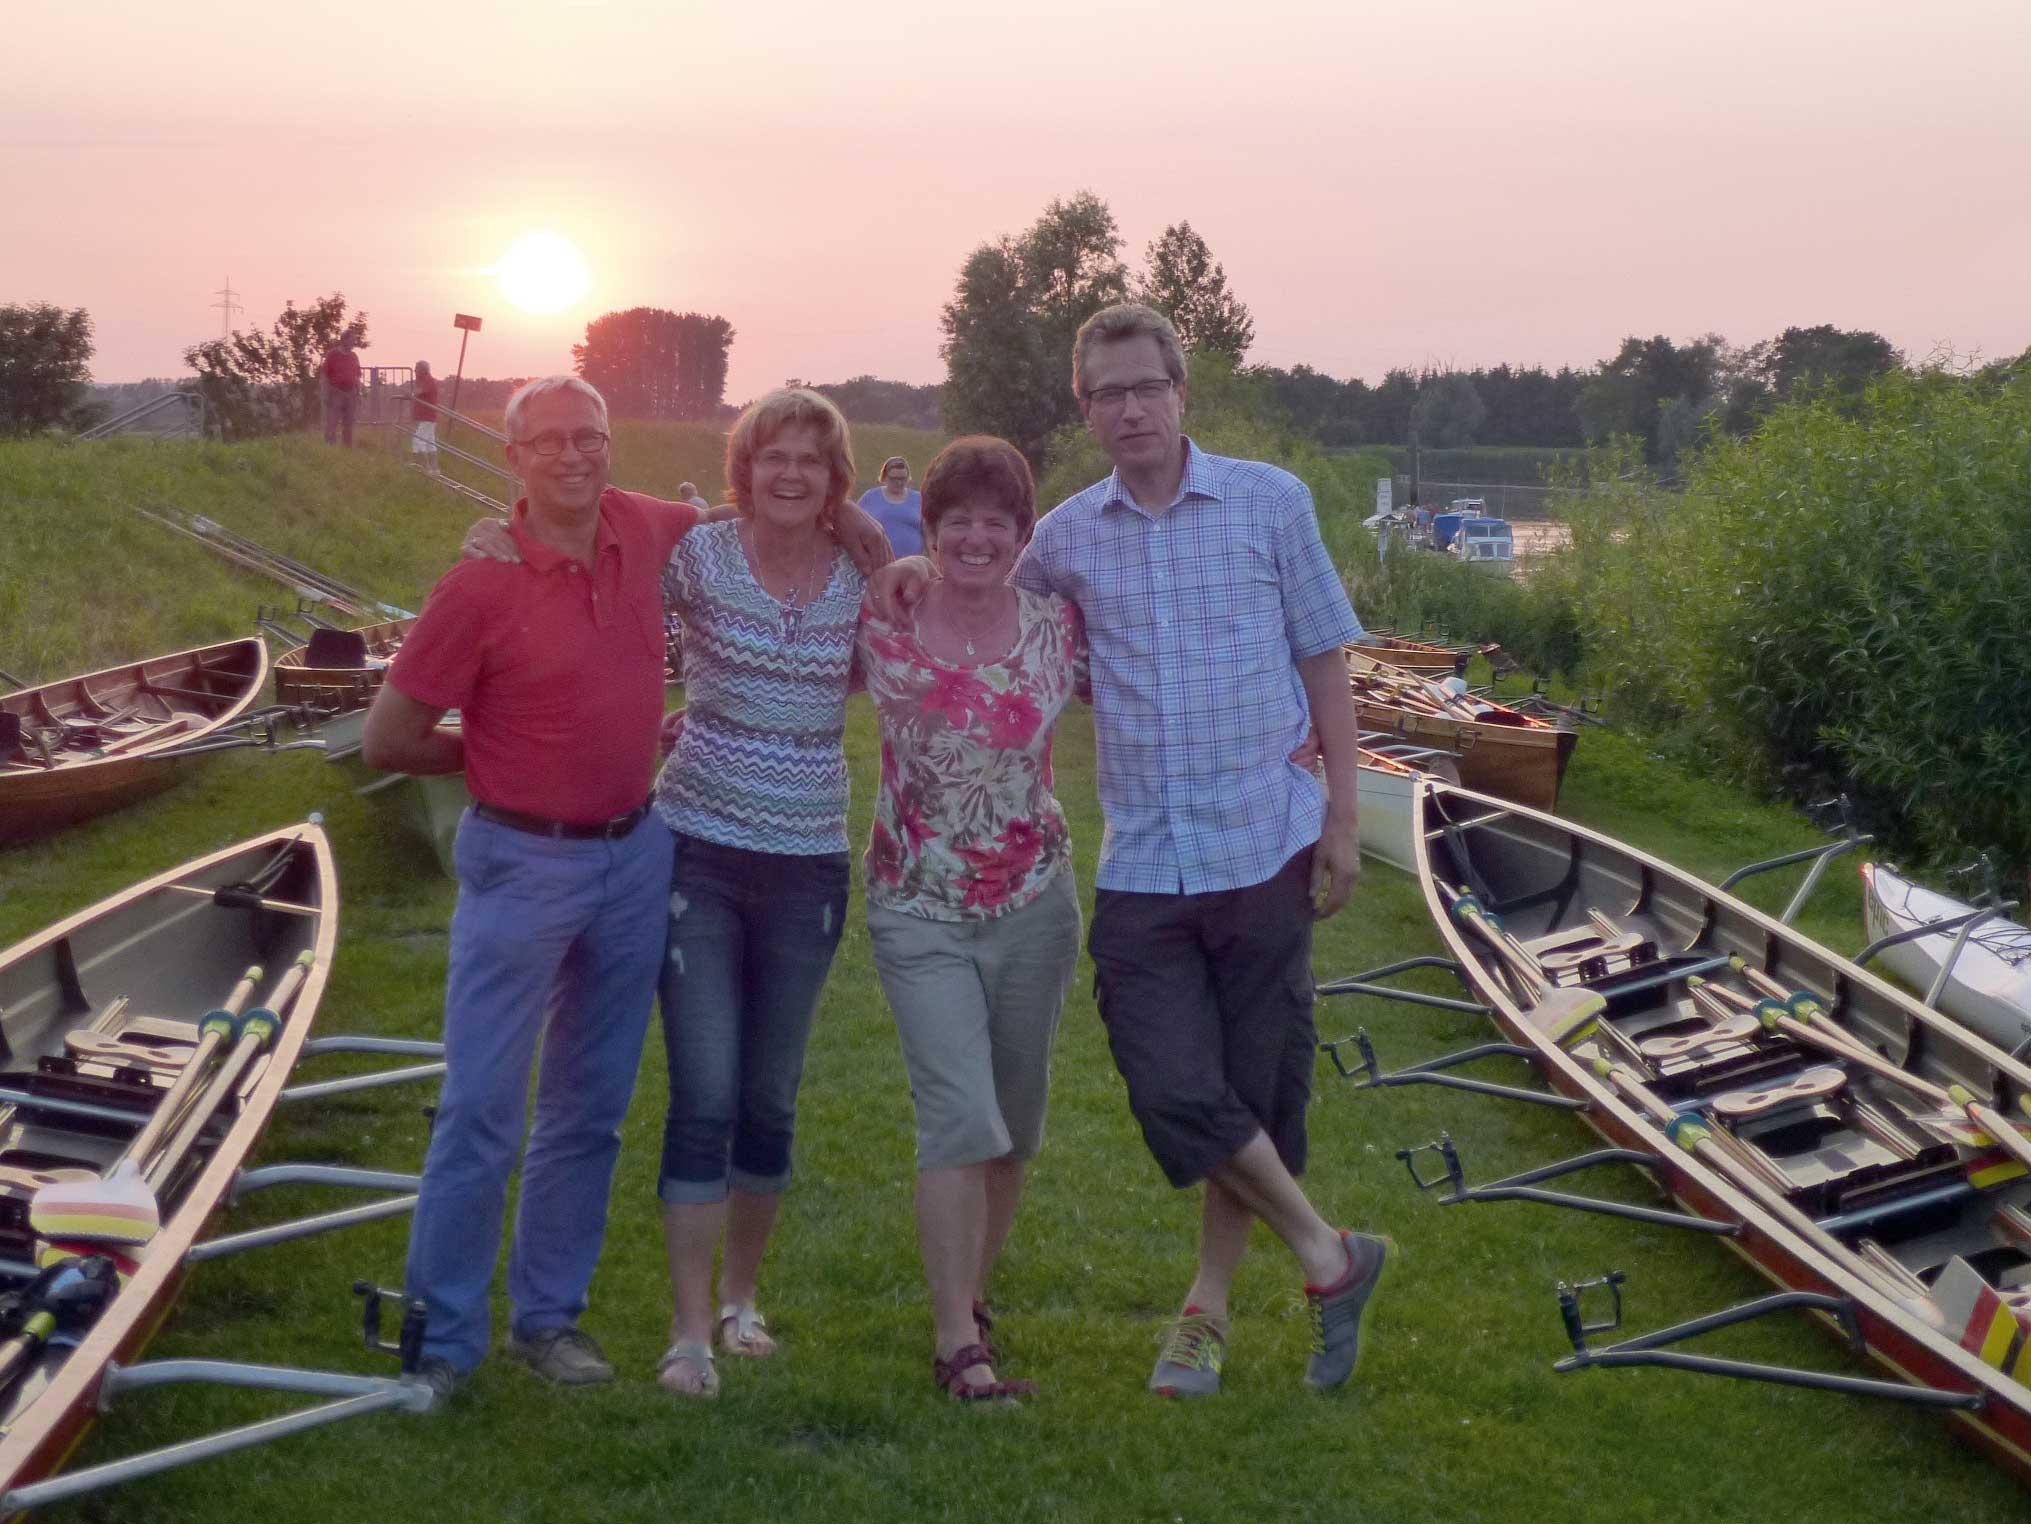 Oste: Beate & Kurt Koenemann, Dr. Stephanie und Wilhelm Straaten